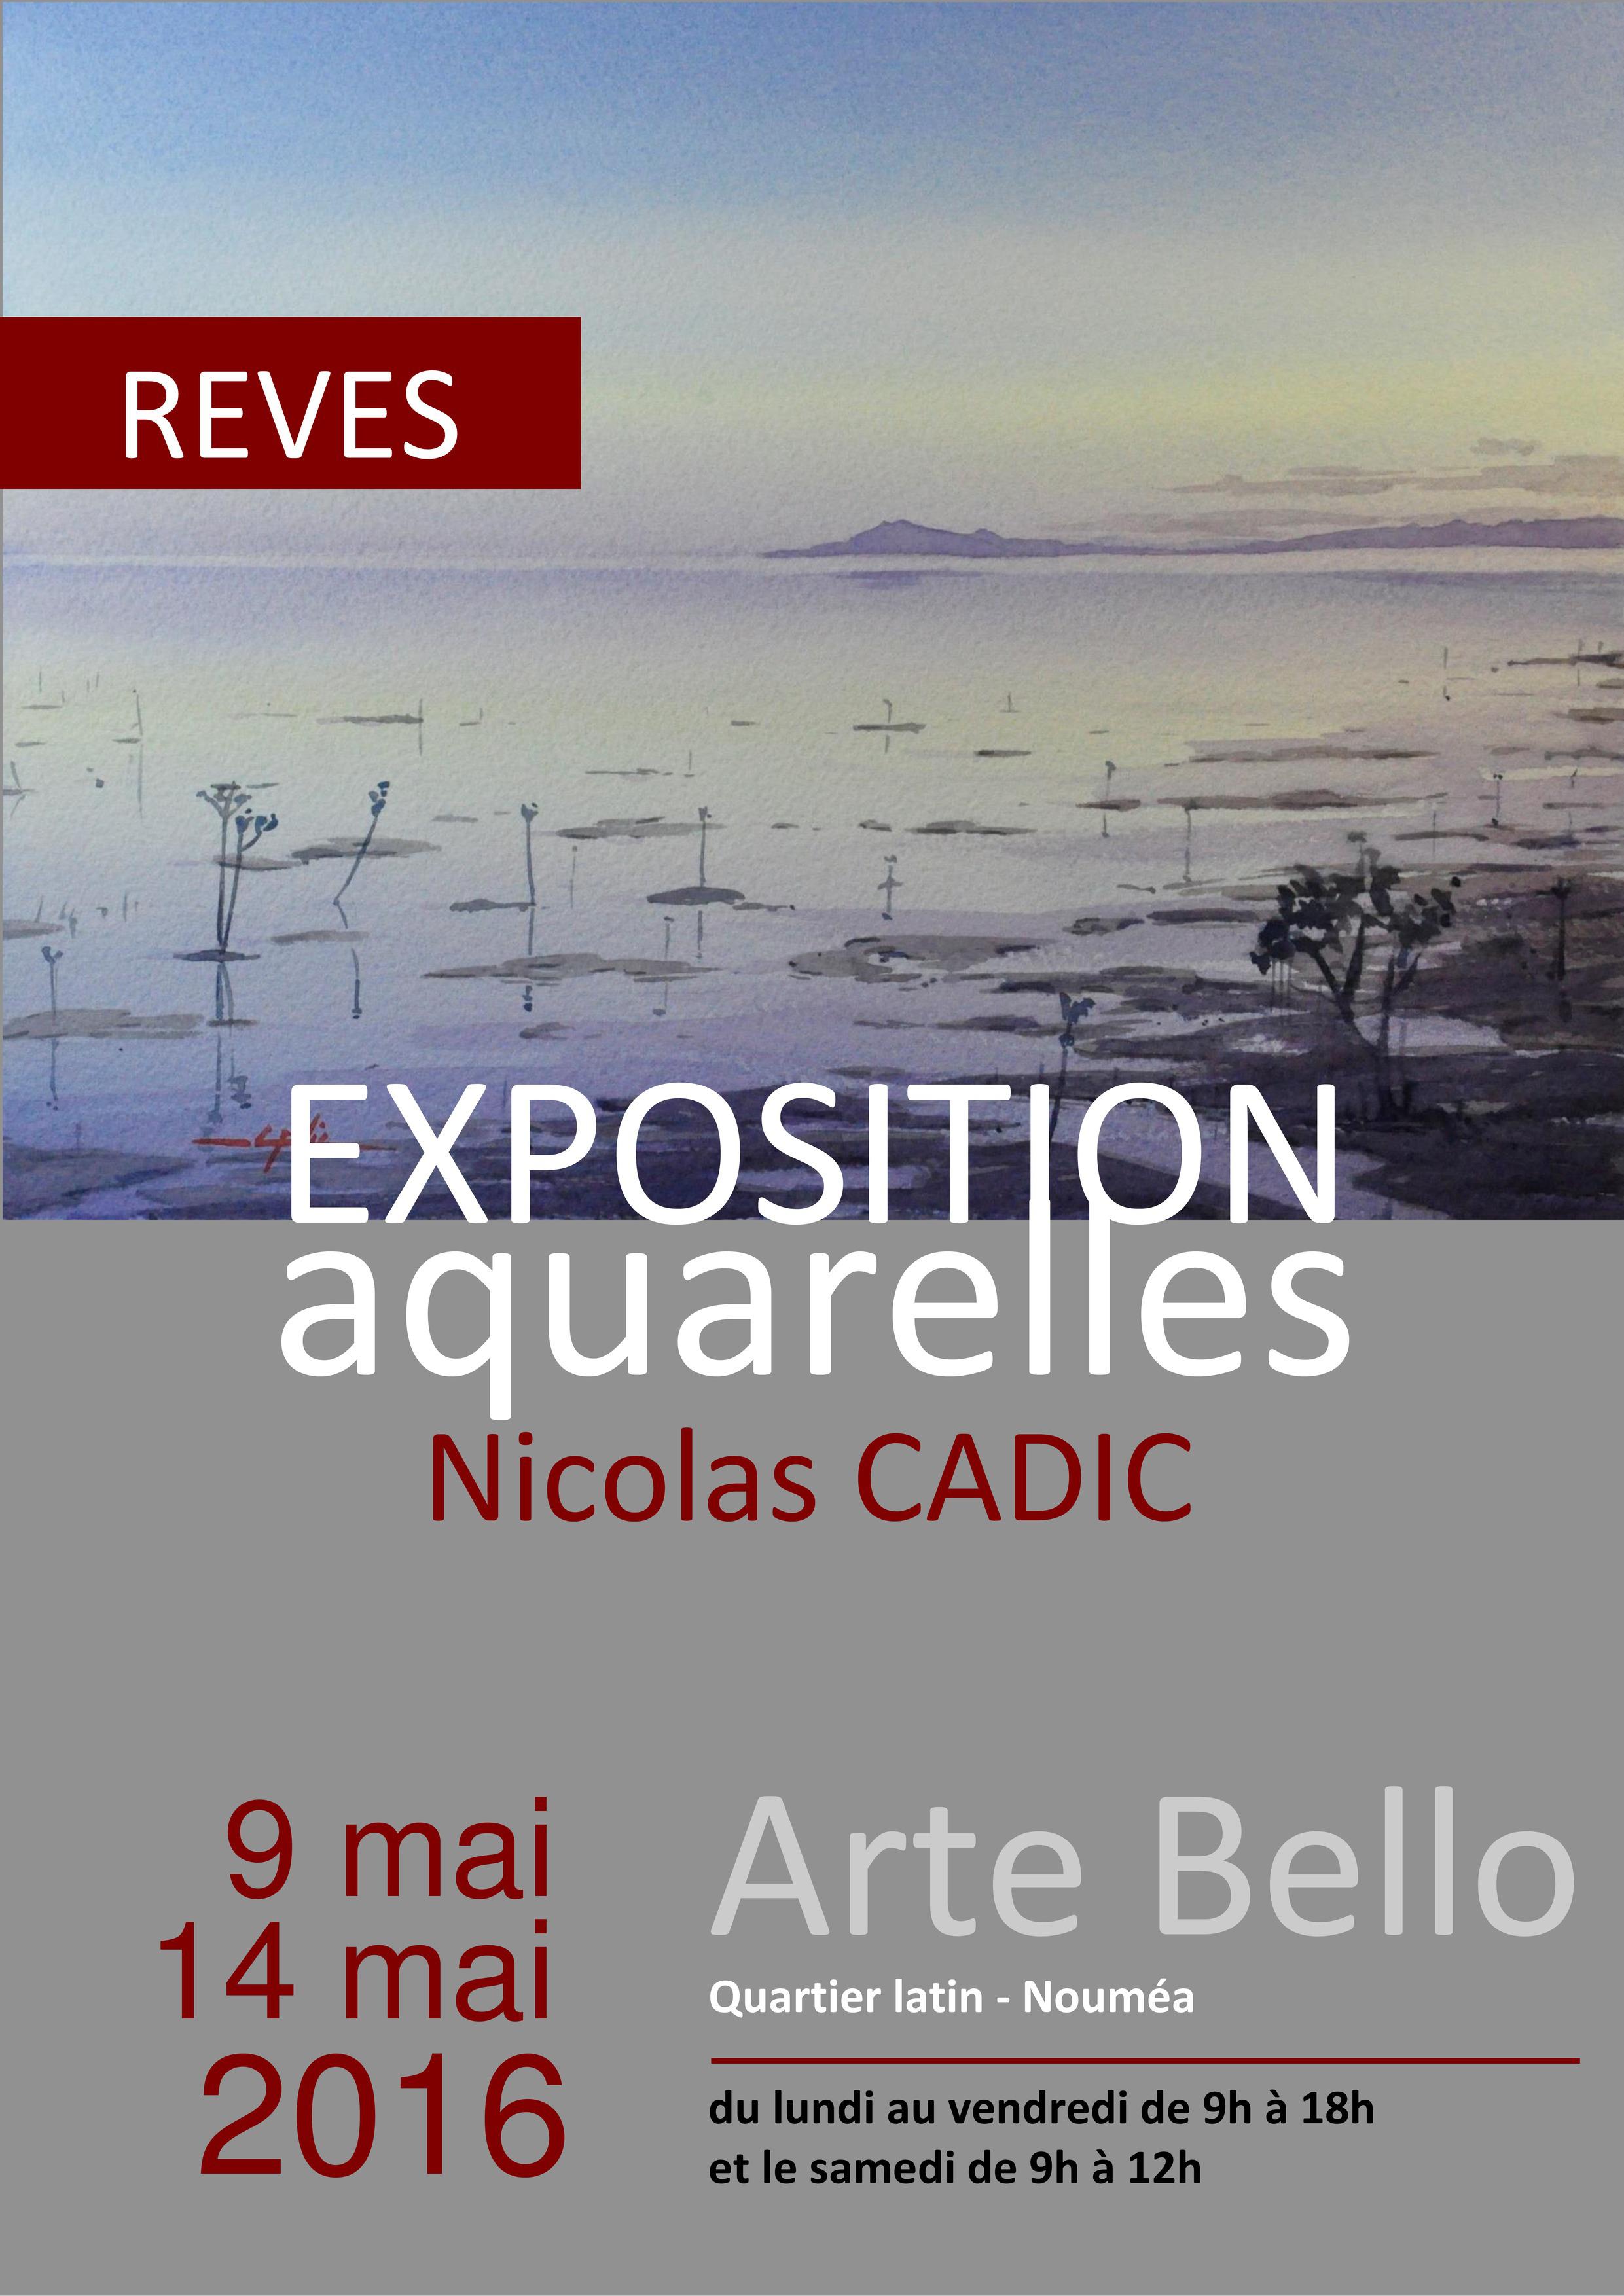 Nicolas Cadic, affiche